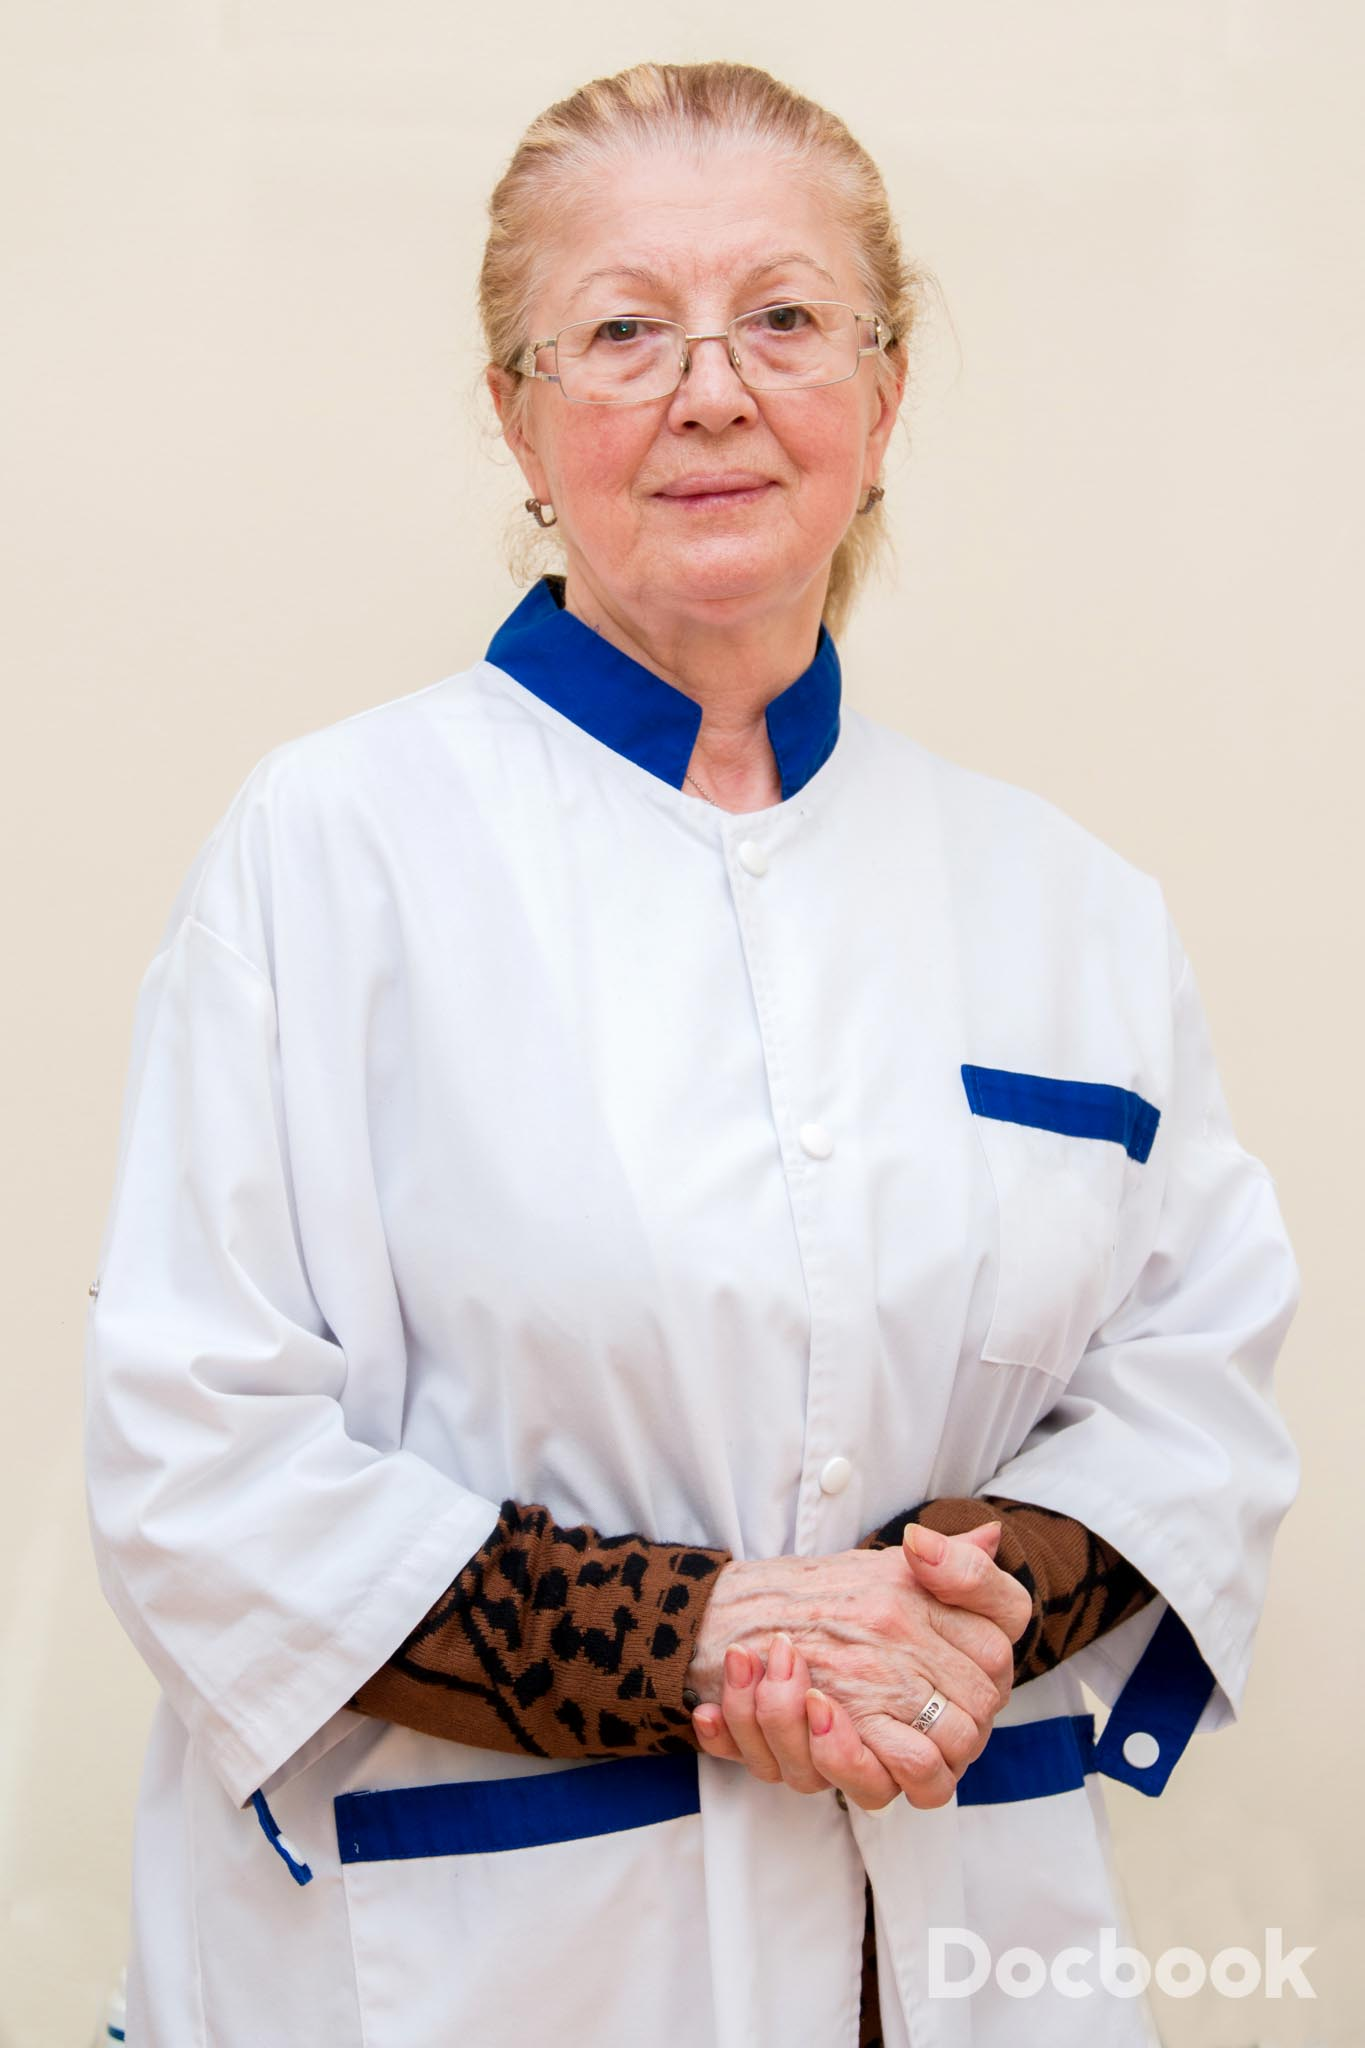 Dr. Elena Balmes